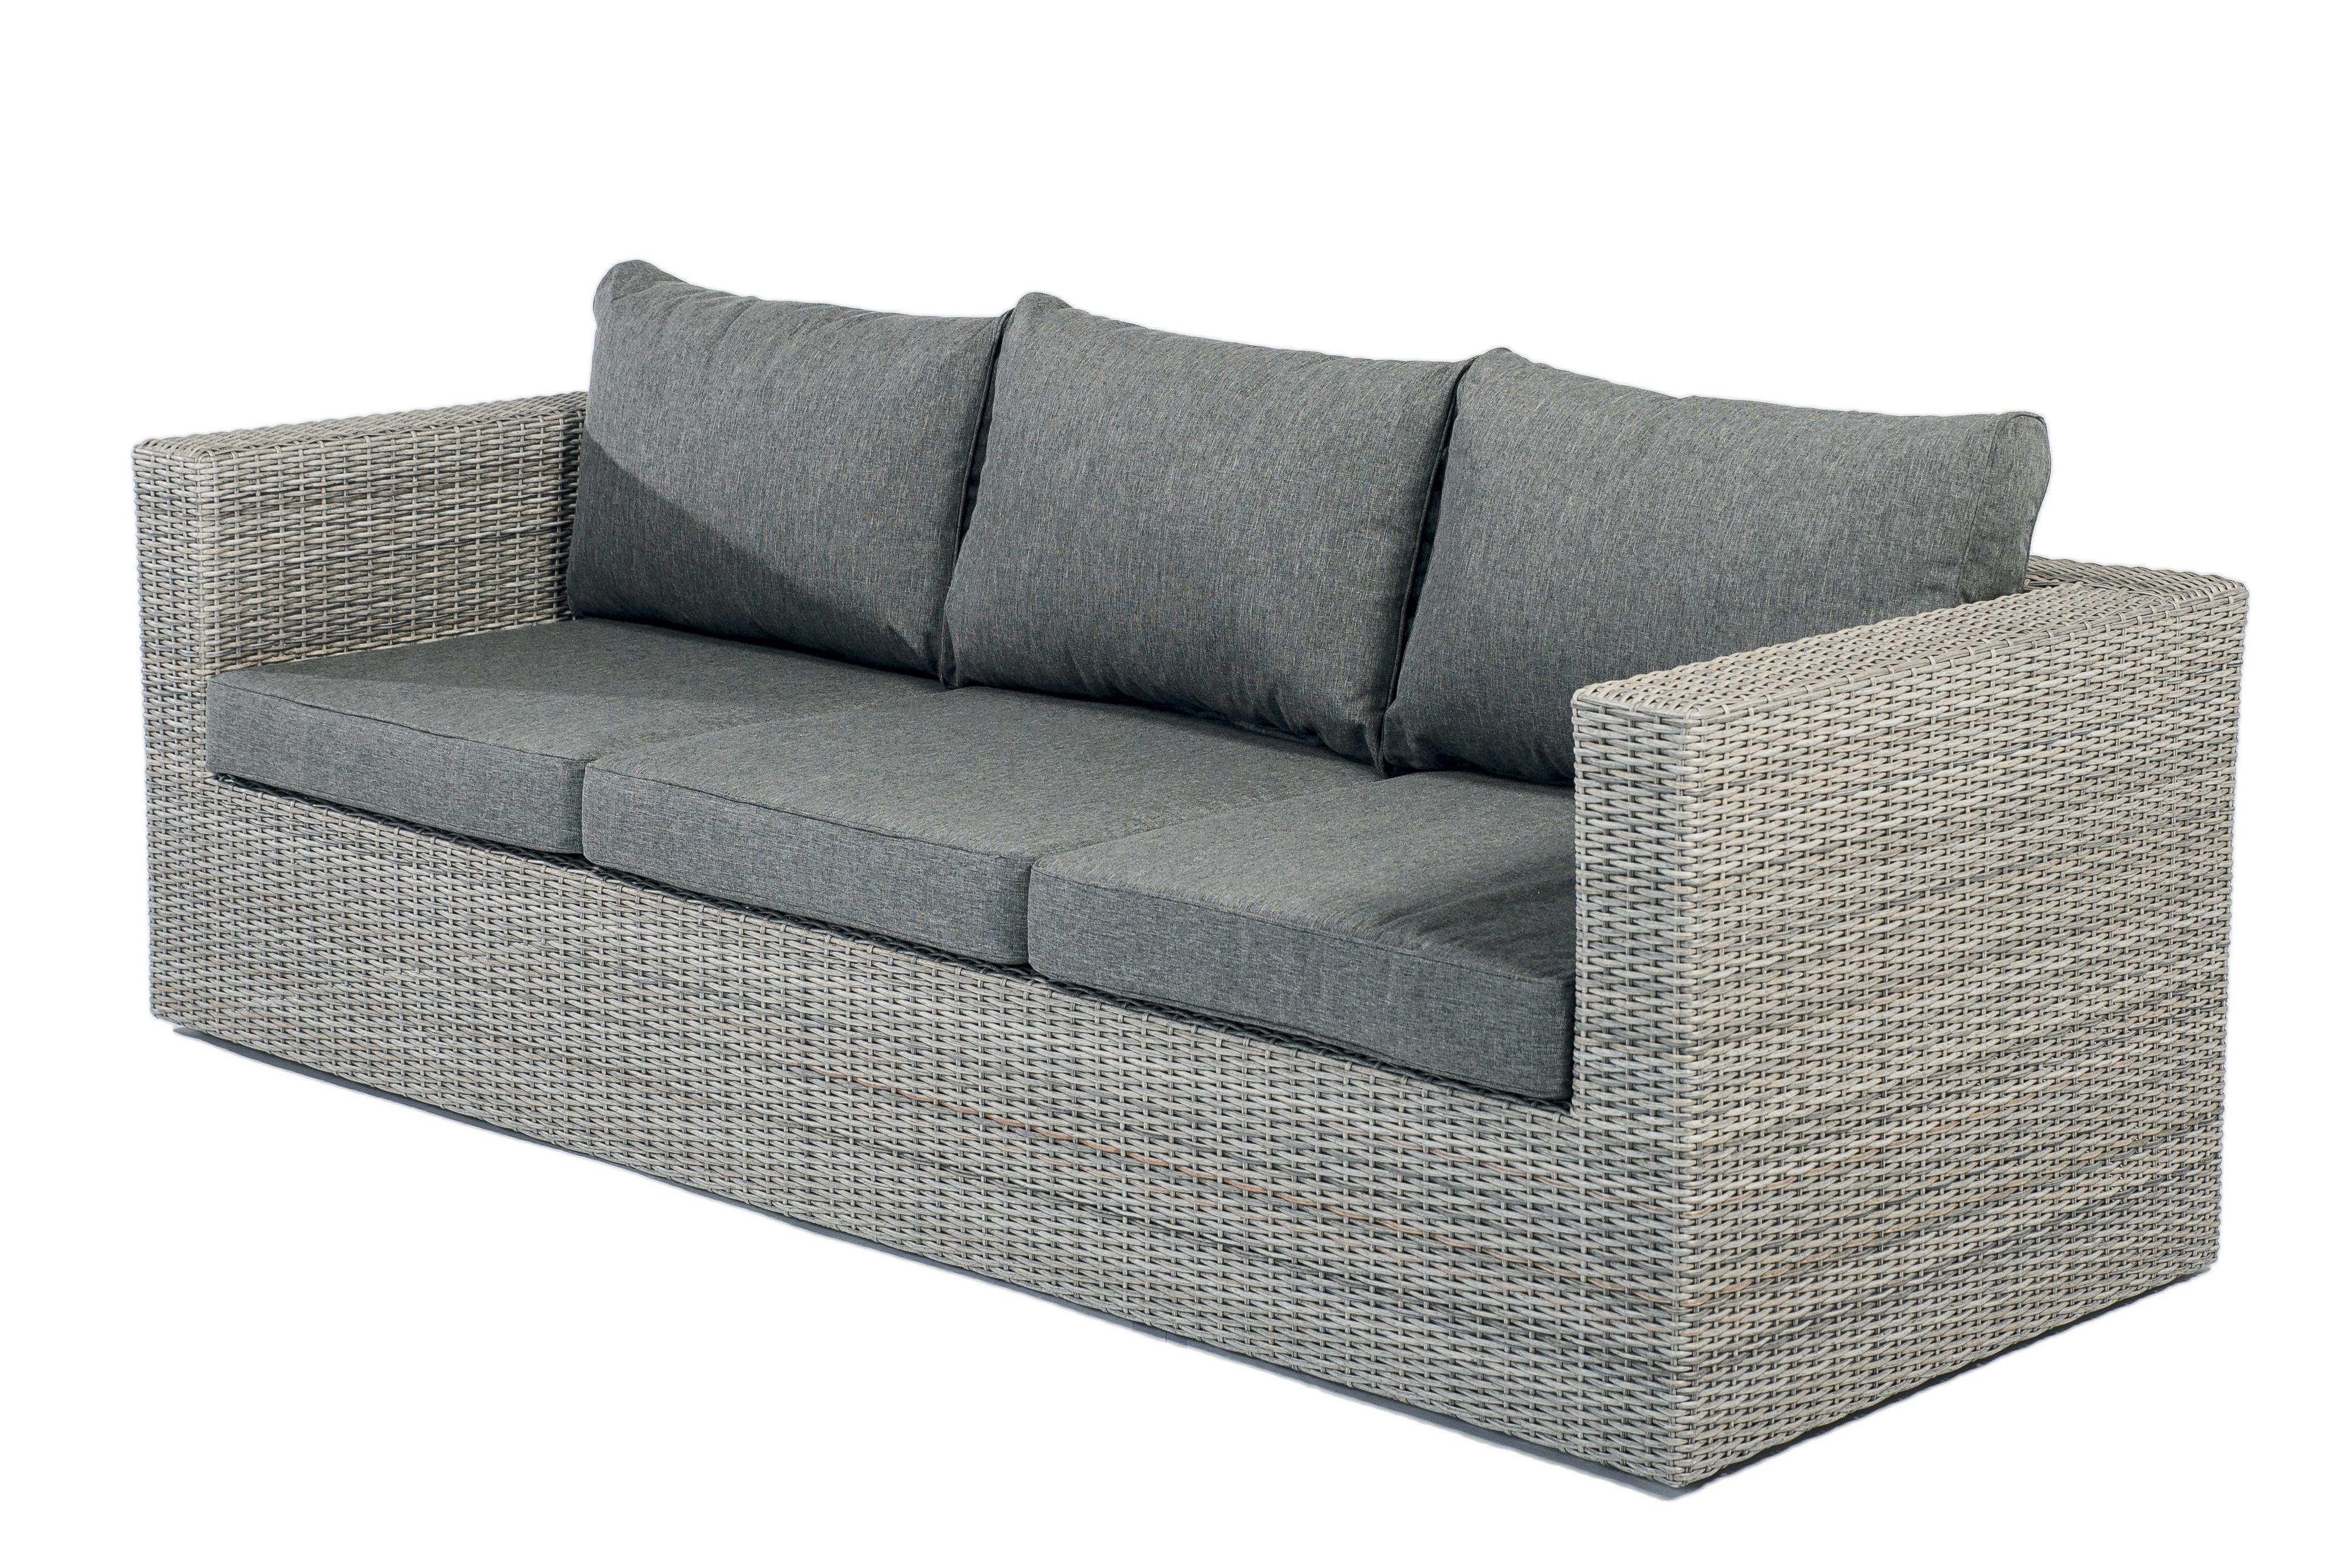 Gartensofa Illias 3 Sitzer Loungesofa Aus Polyrattan Mit